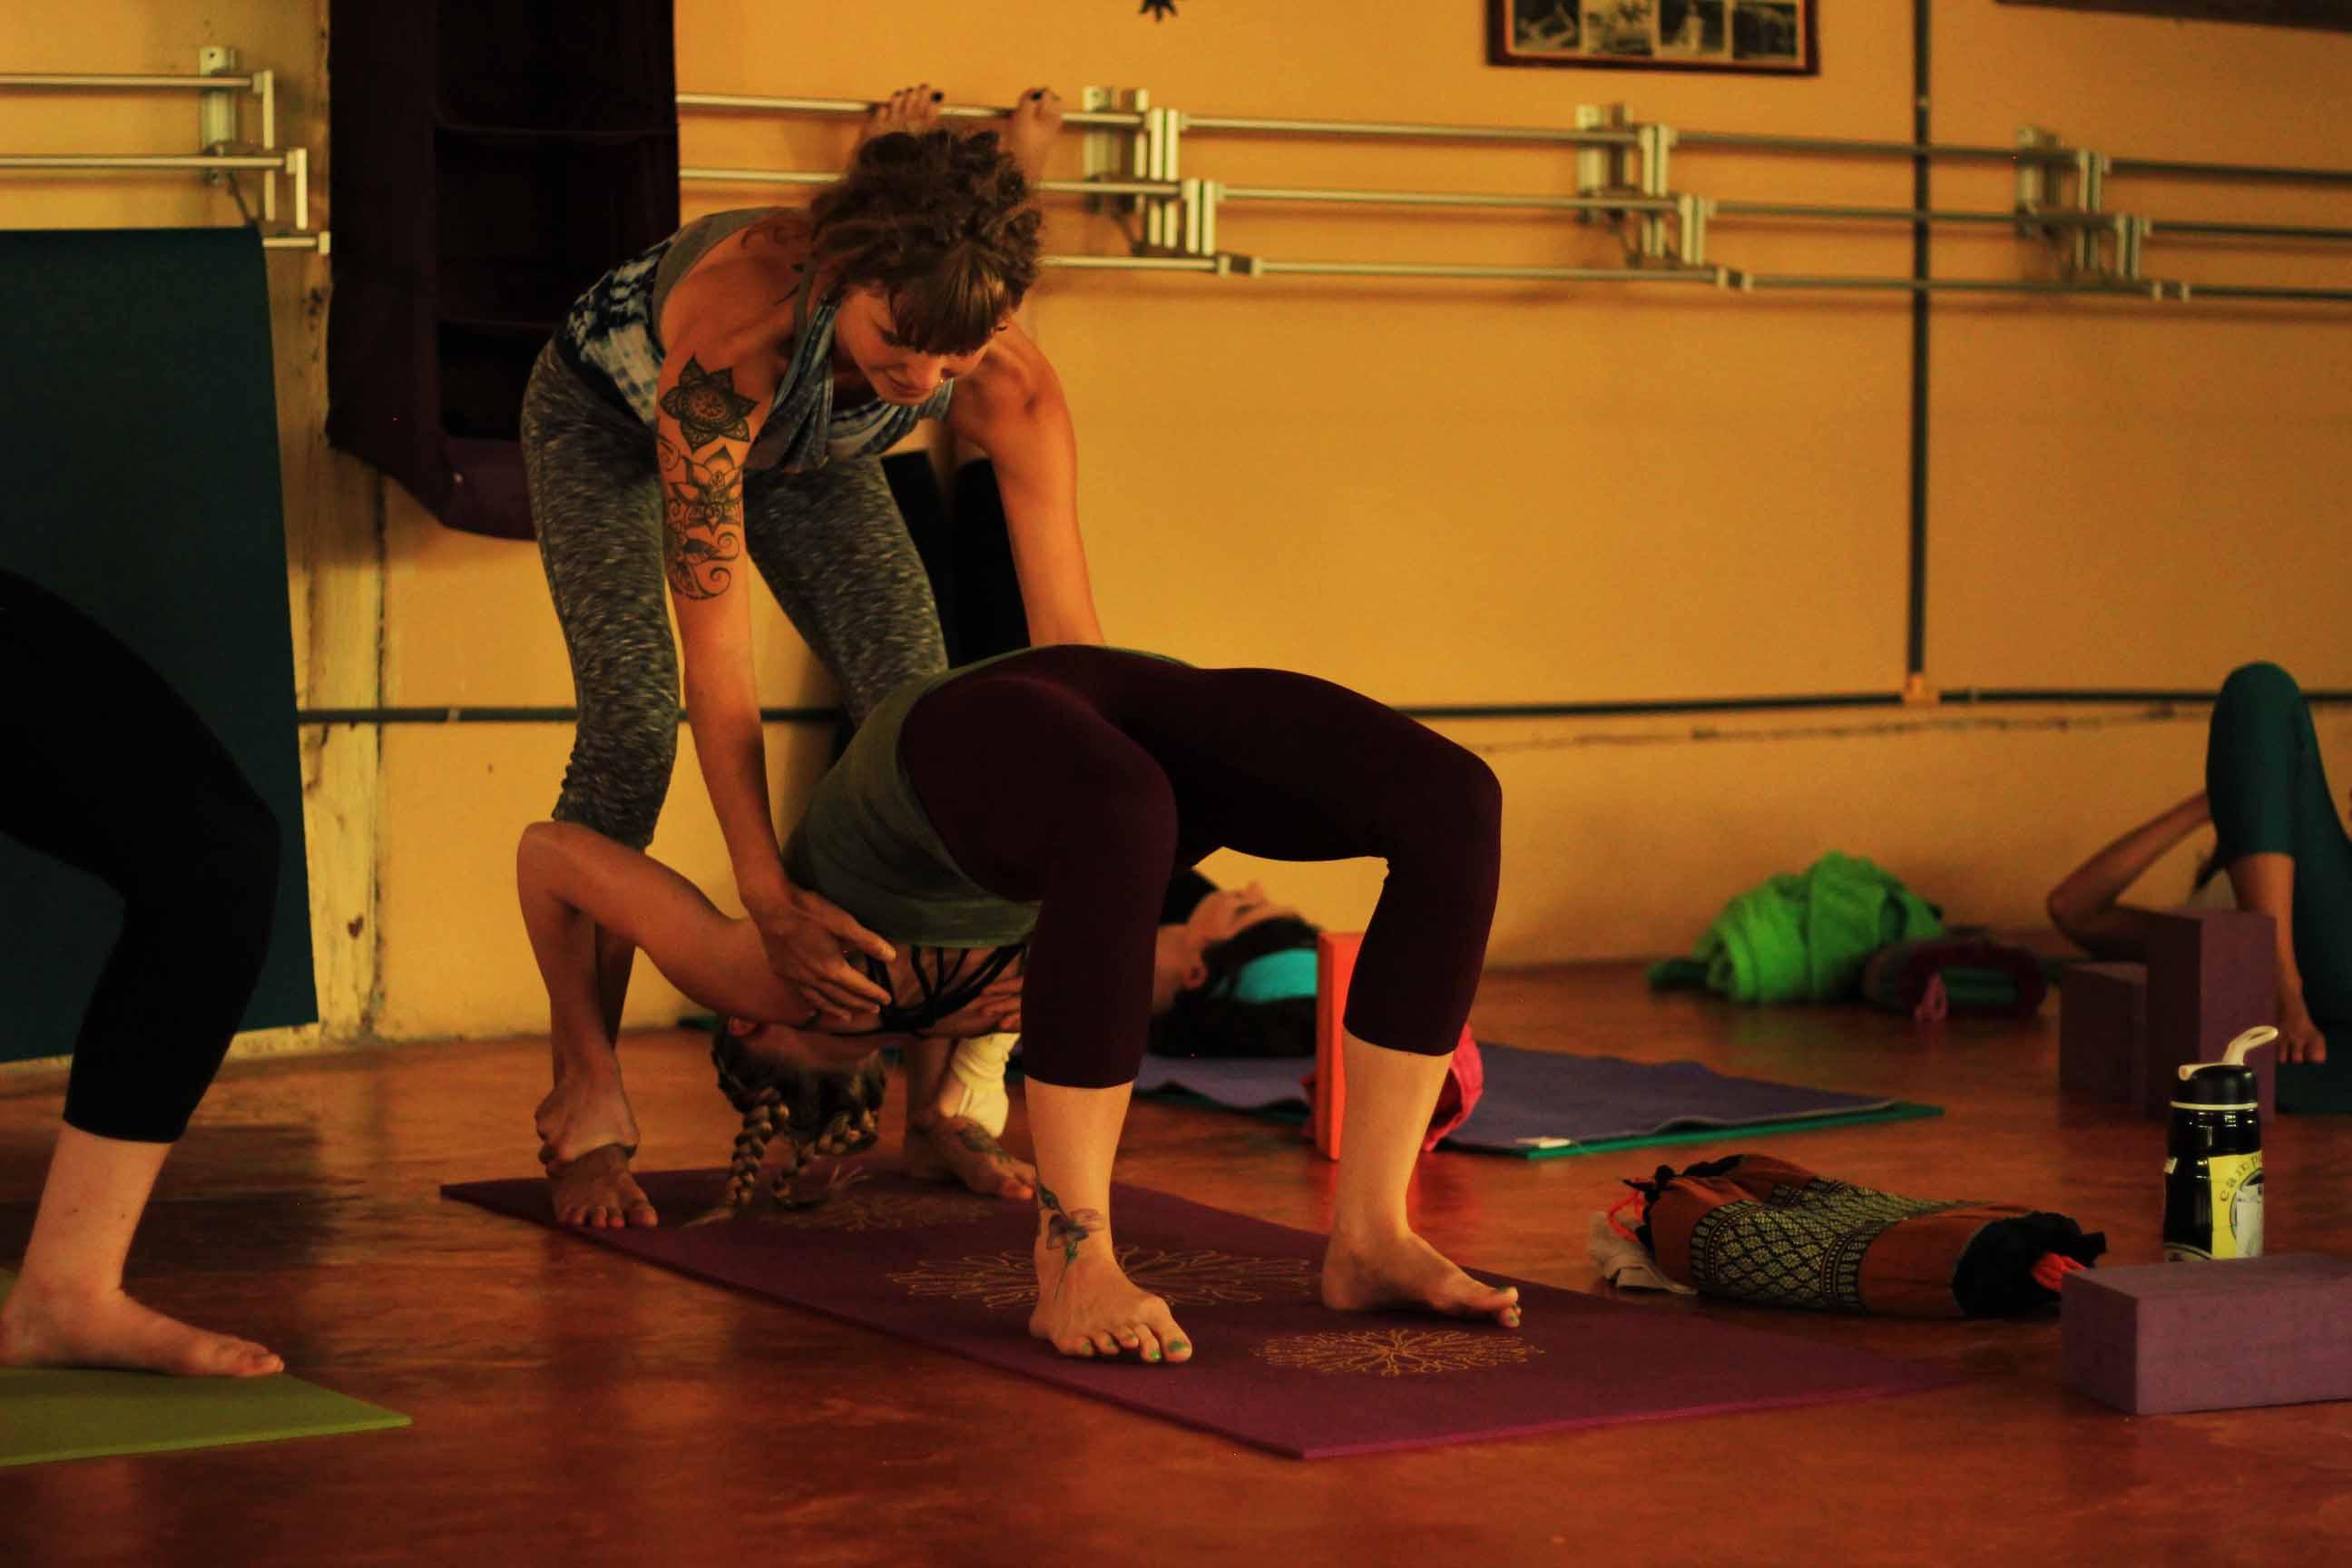 One of the yoga teachers